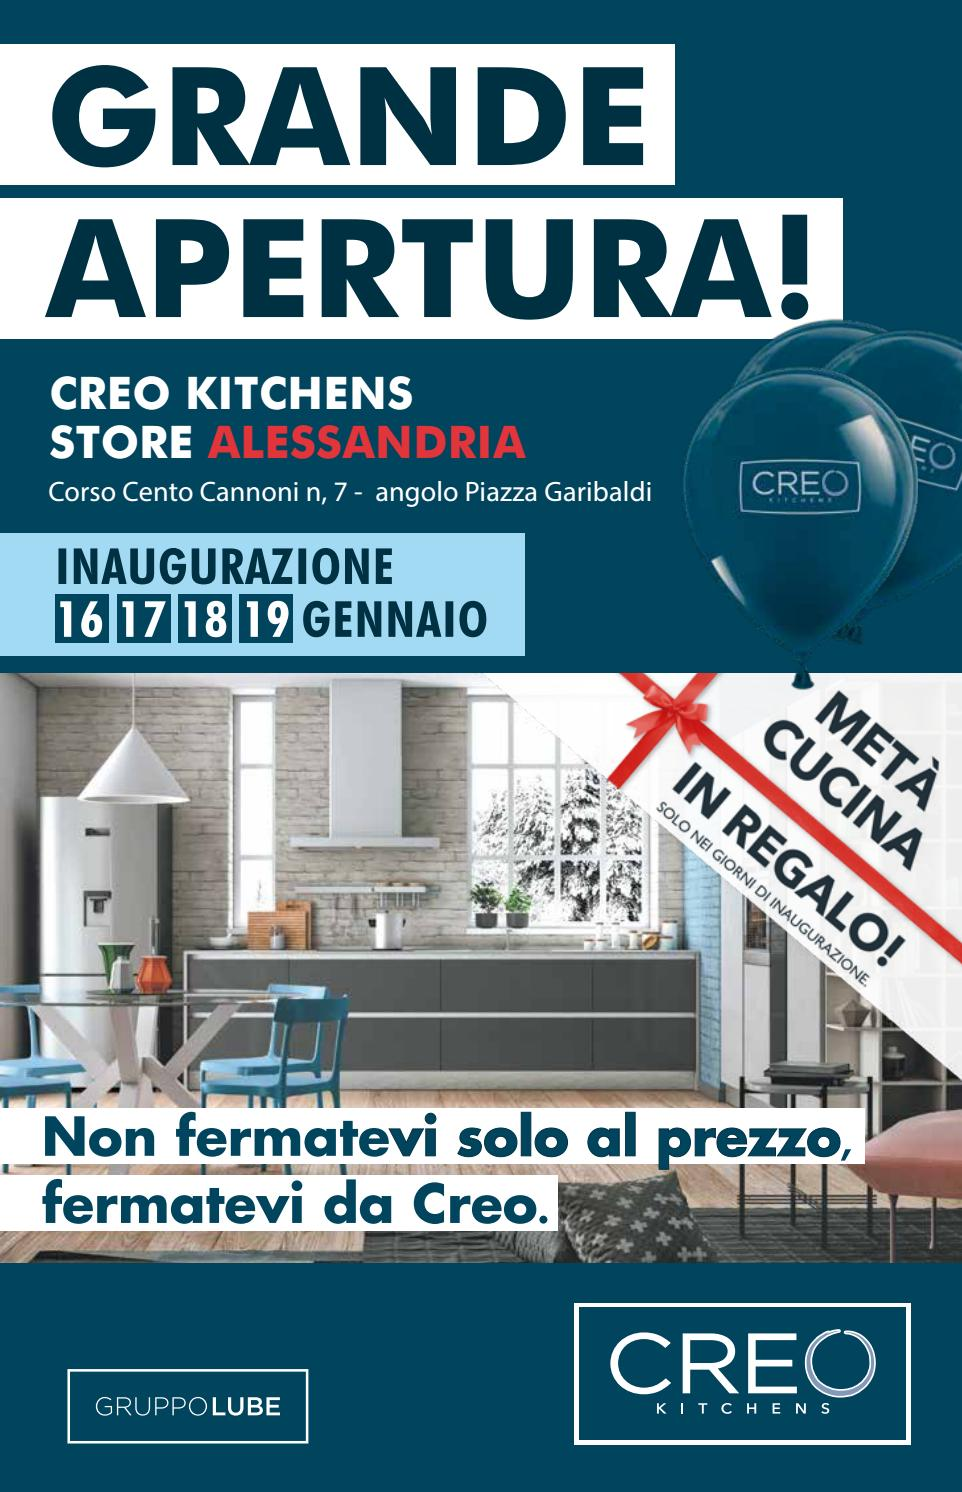 Cucina Kyra Creo Prezzo apertura creo store alessandria by cucinarredi - issuu